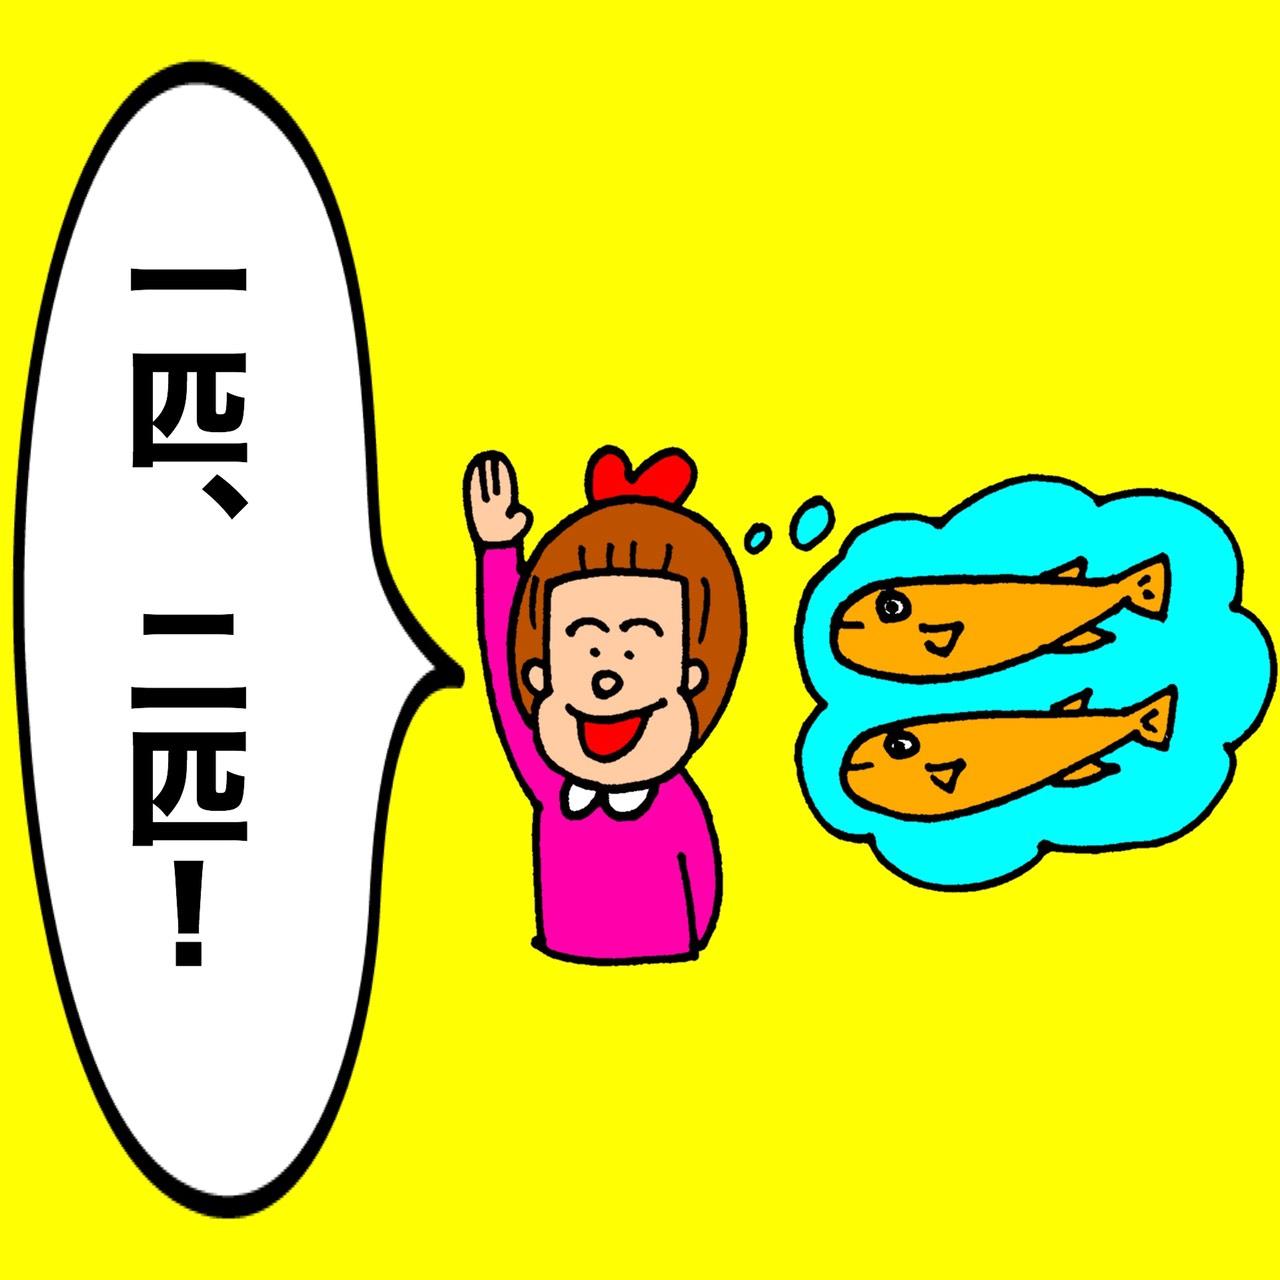 よしもとパパ芸人タケトの育児漫画②「1羽、2羽!」